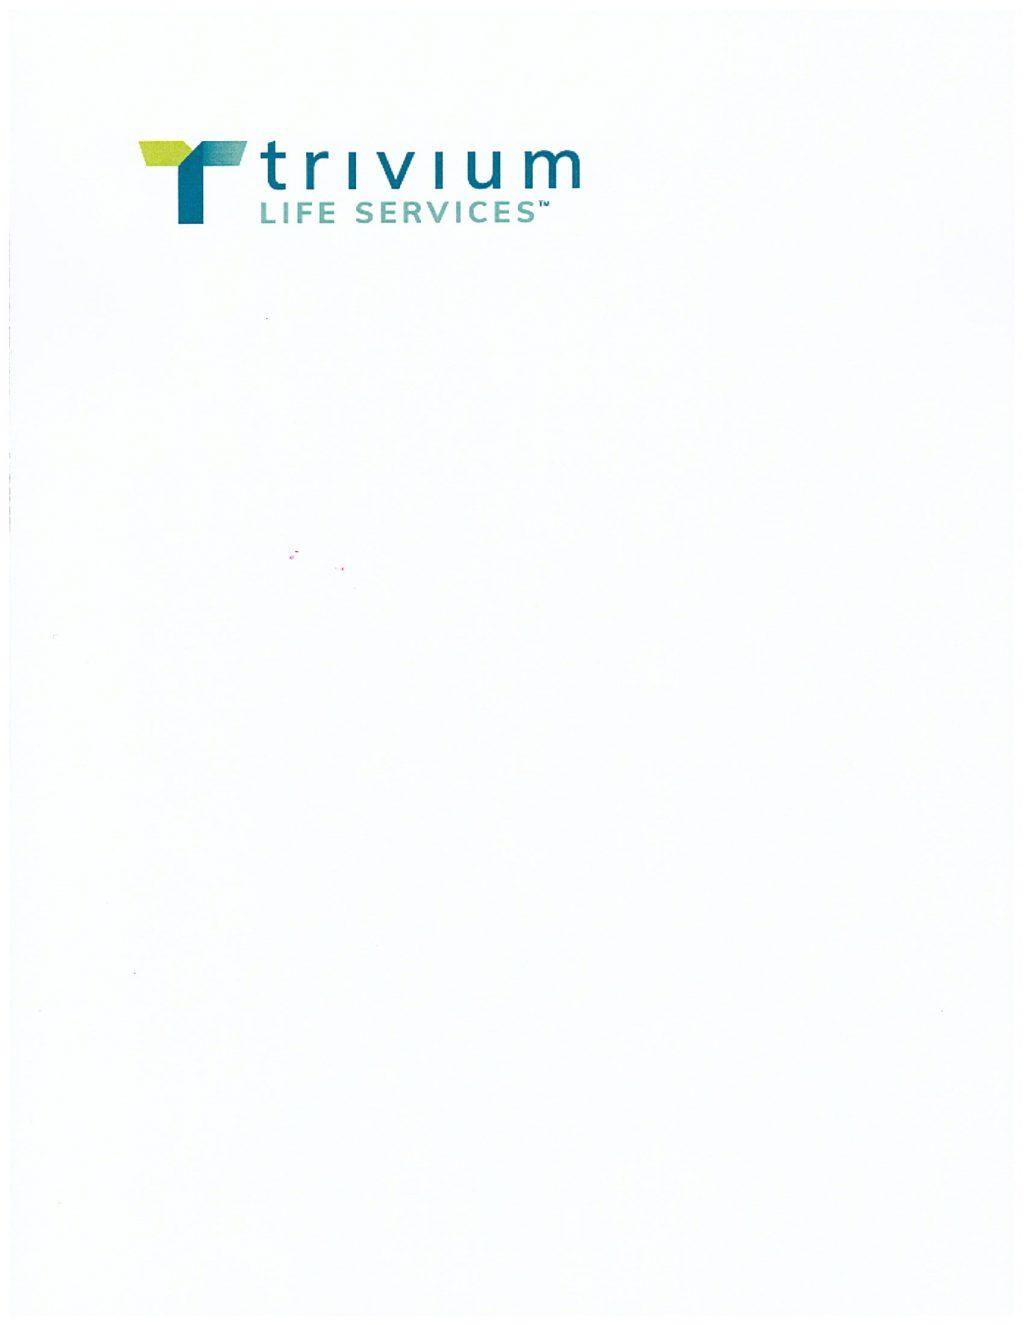 Trivium.jpg